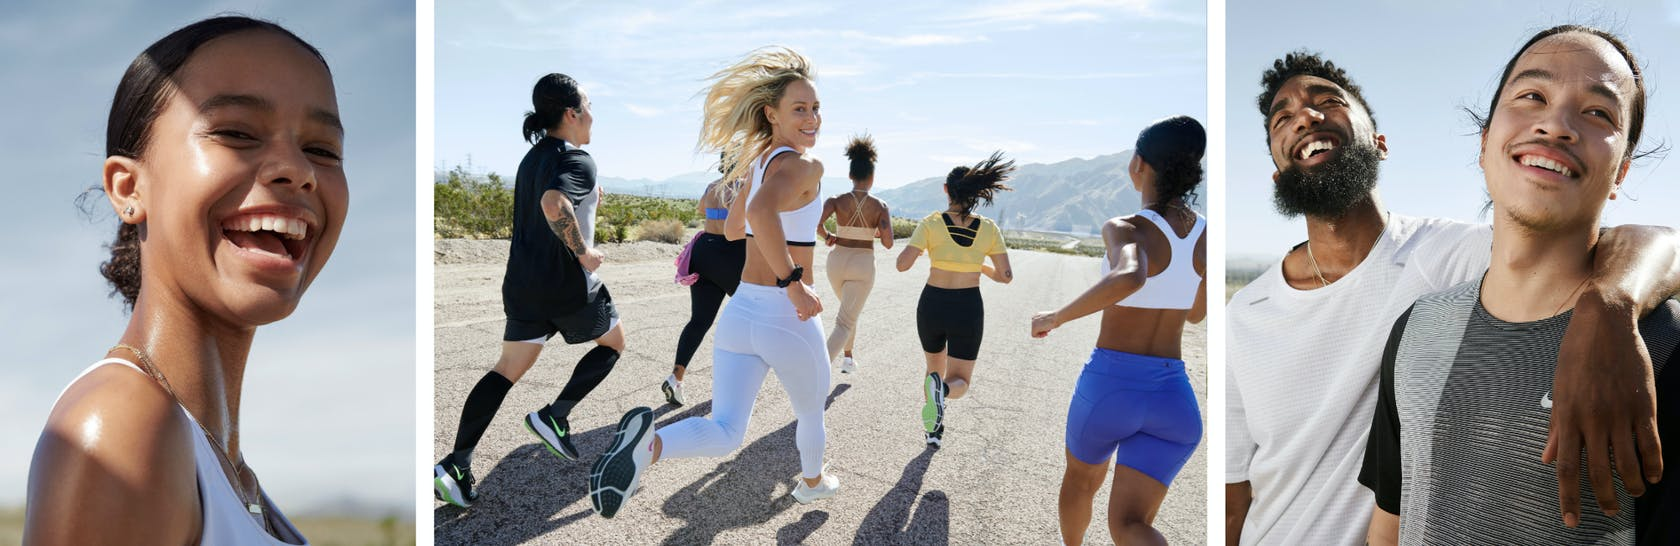 Nike Running Schuhe Bekleidung